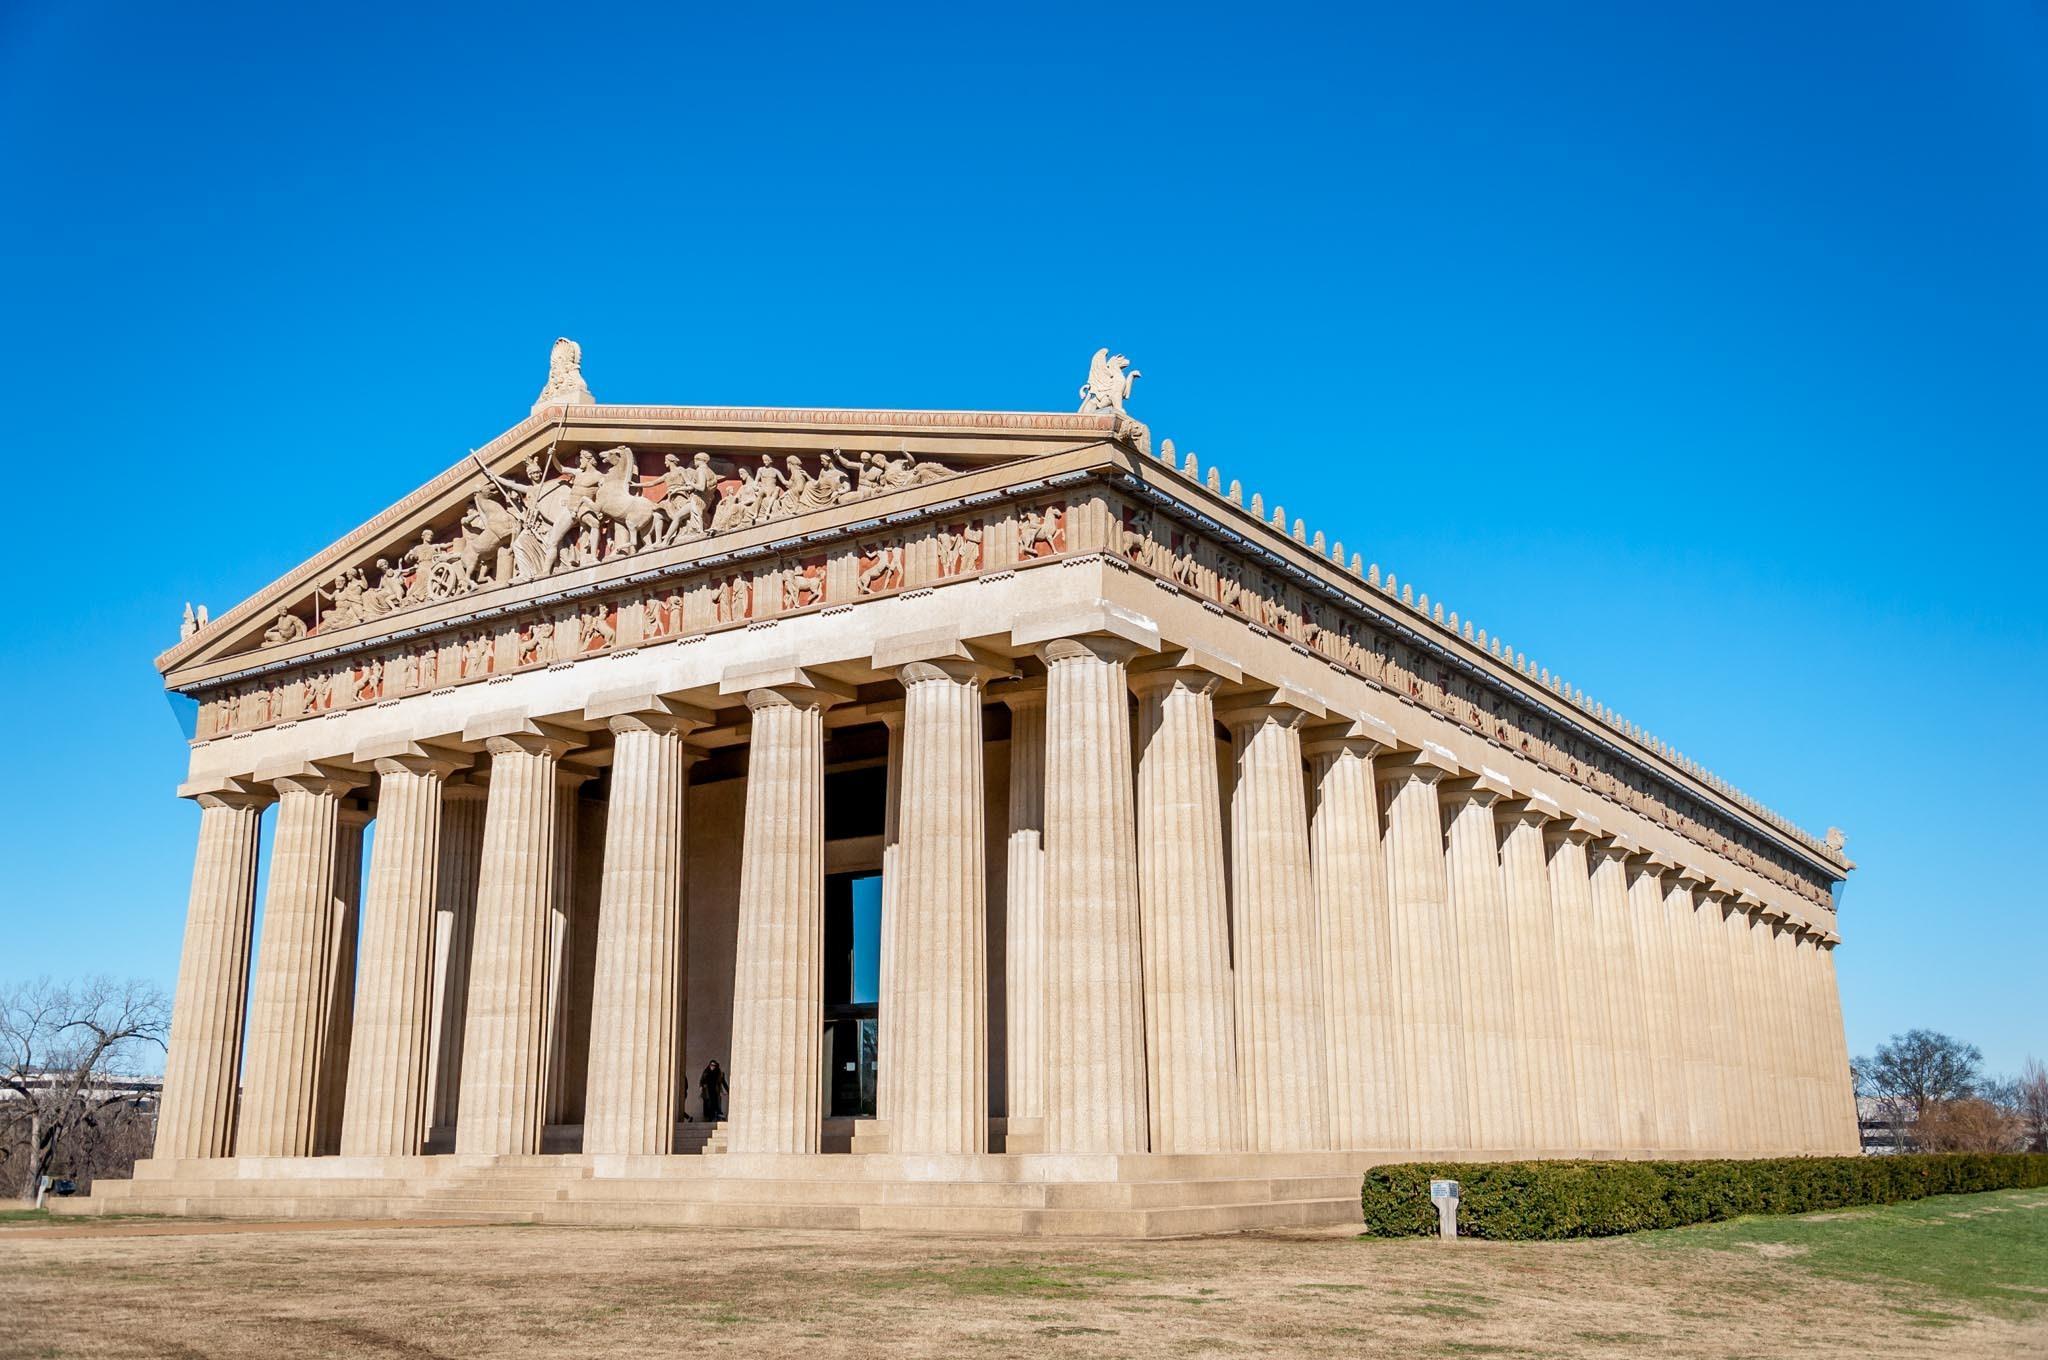 Full-scale replica of the Parthenon in Nashville TN